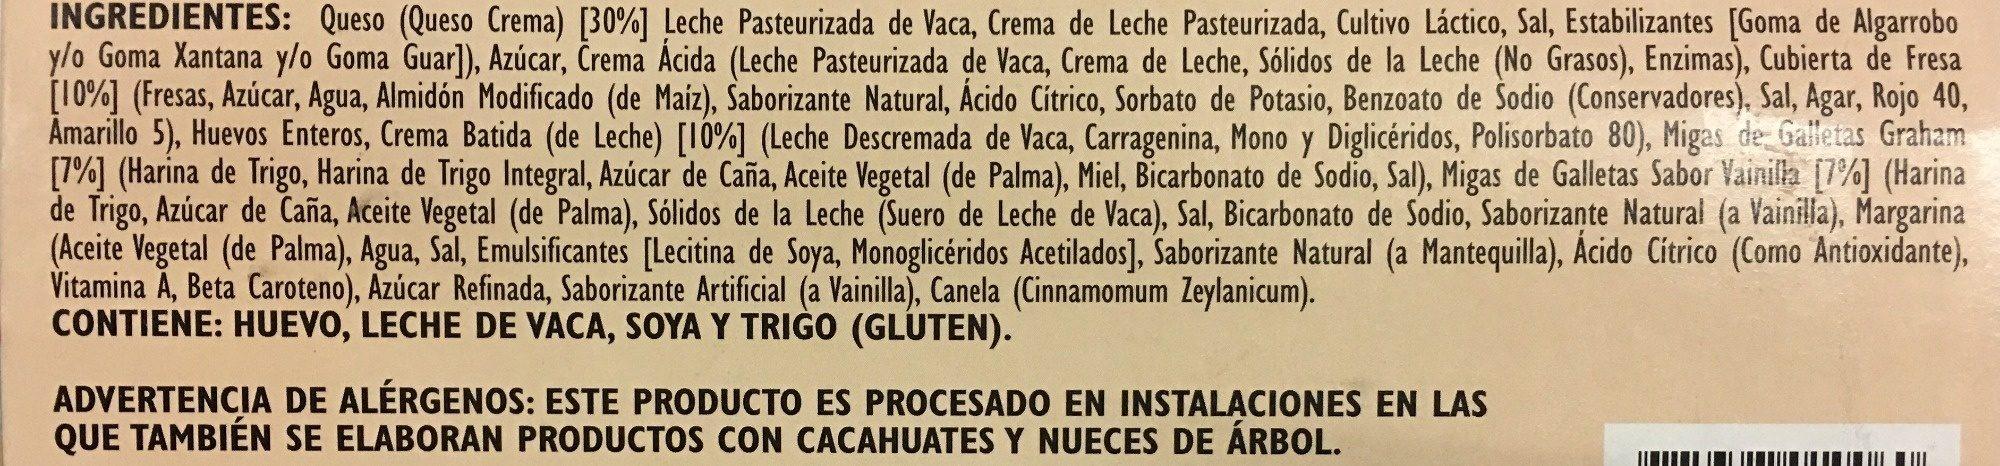 Pastel de Queso Original con cubierta de fresa - Ingredients